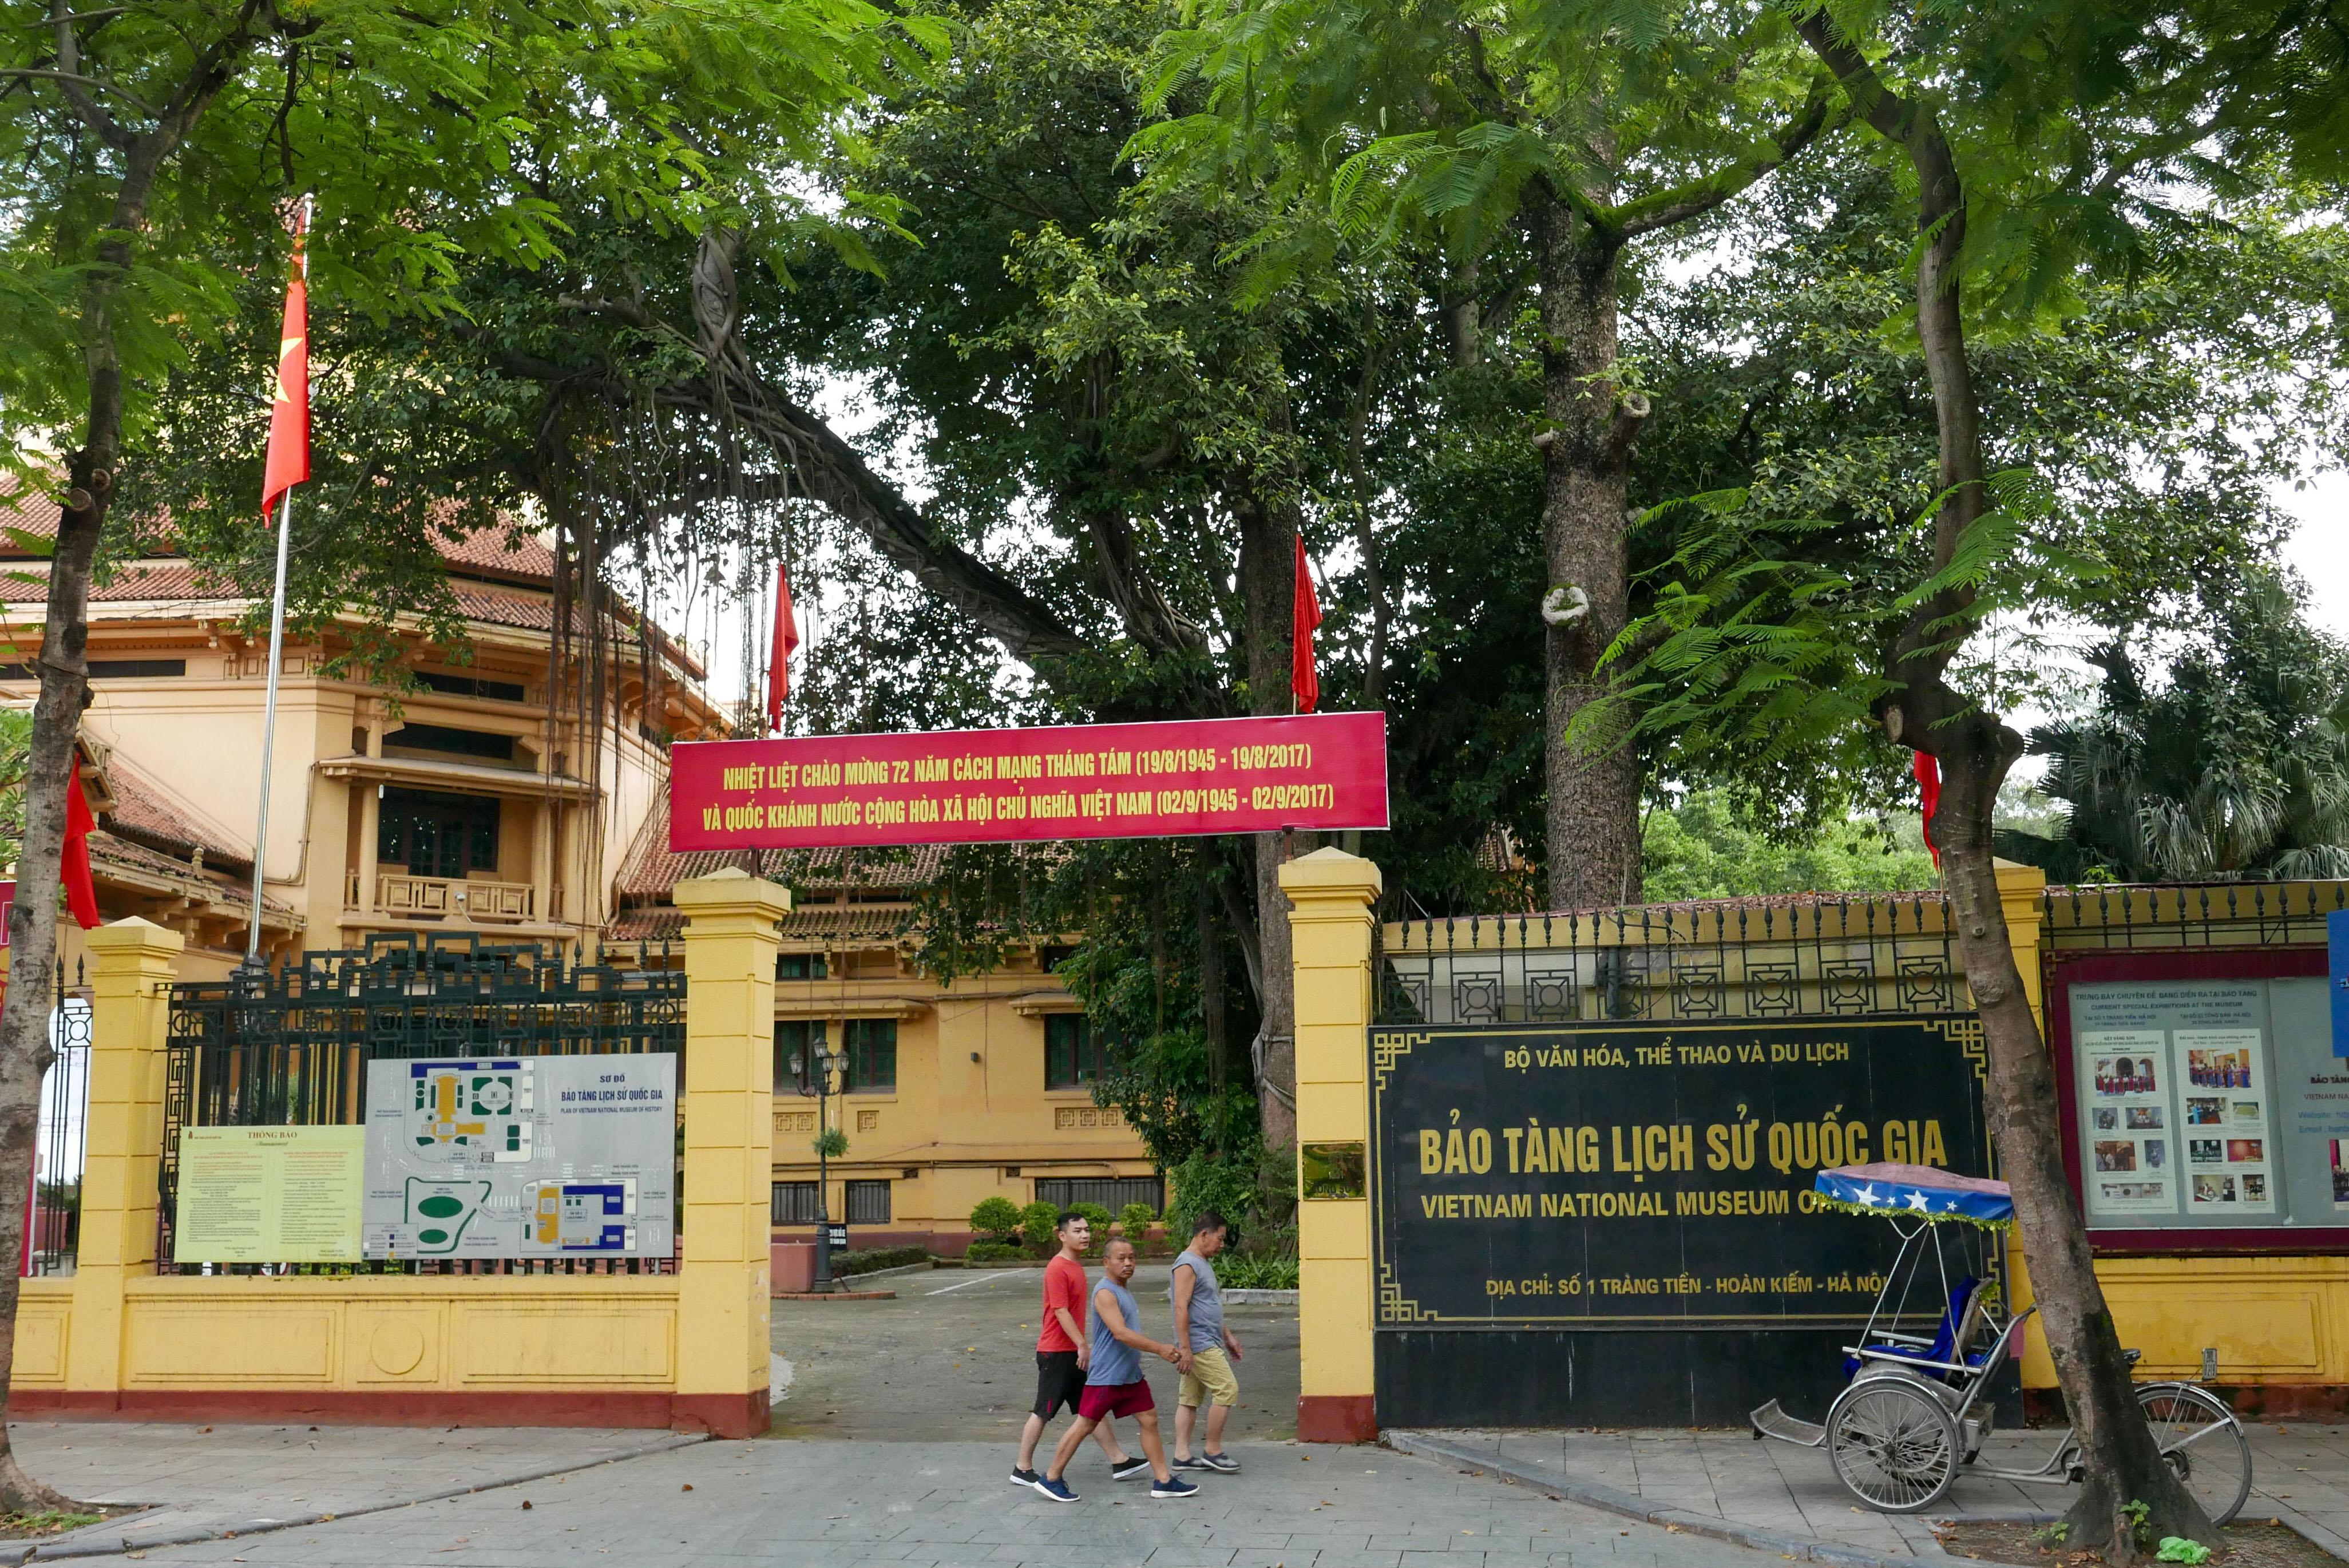 Bảo tàng vắng như... chùa Bà Đanh, vẫn đòi 11.000 tỉ xây mới - Ảnh 7.